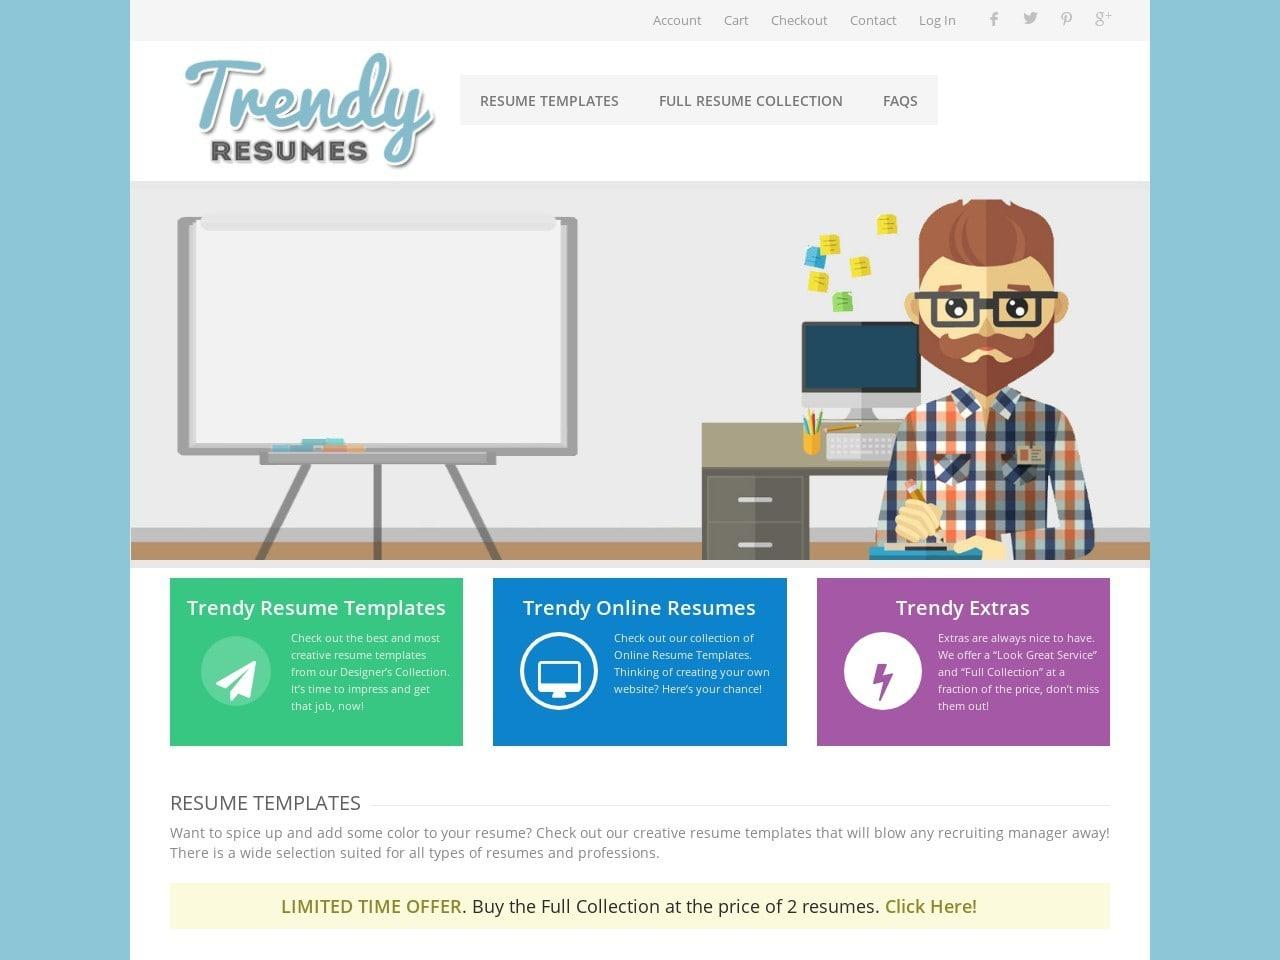 Trendy Resumes